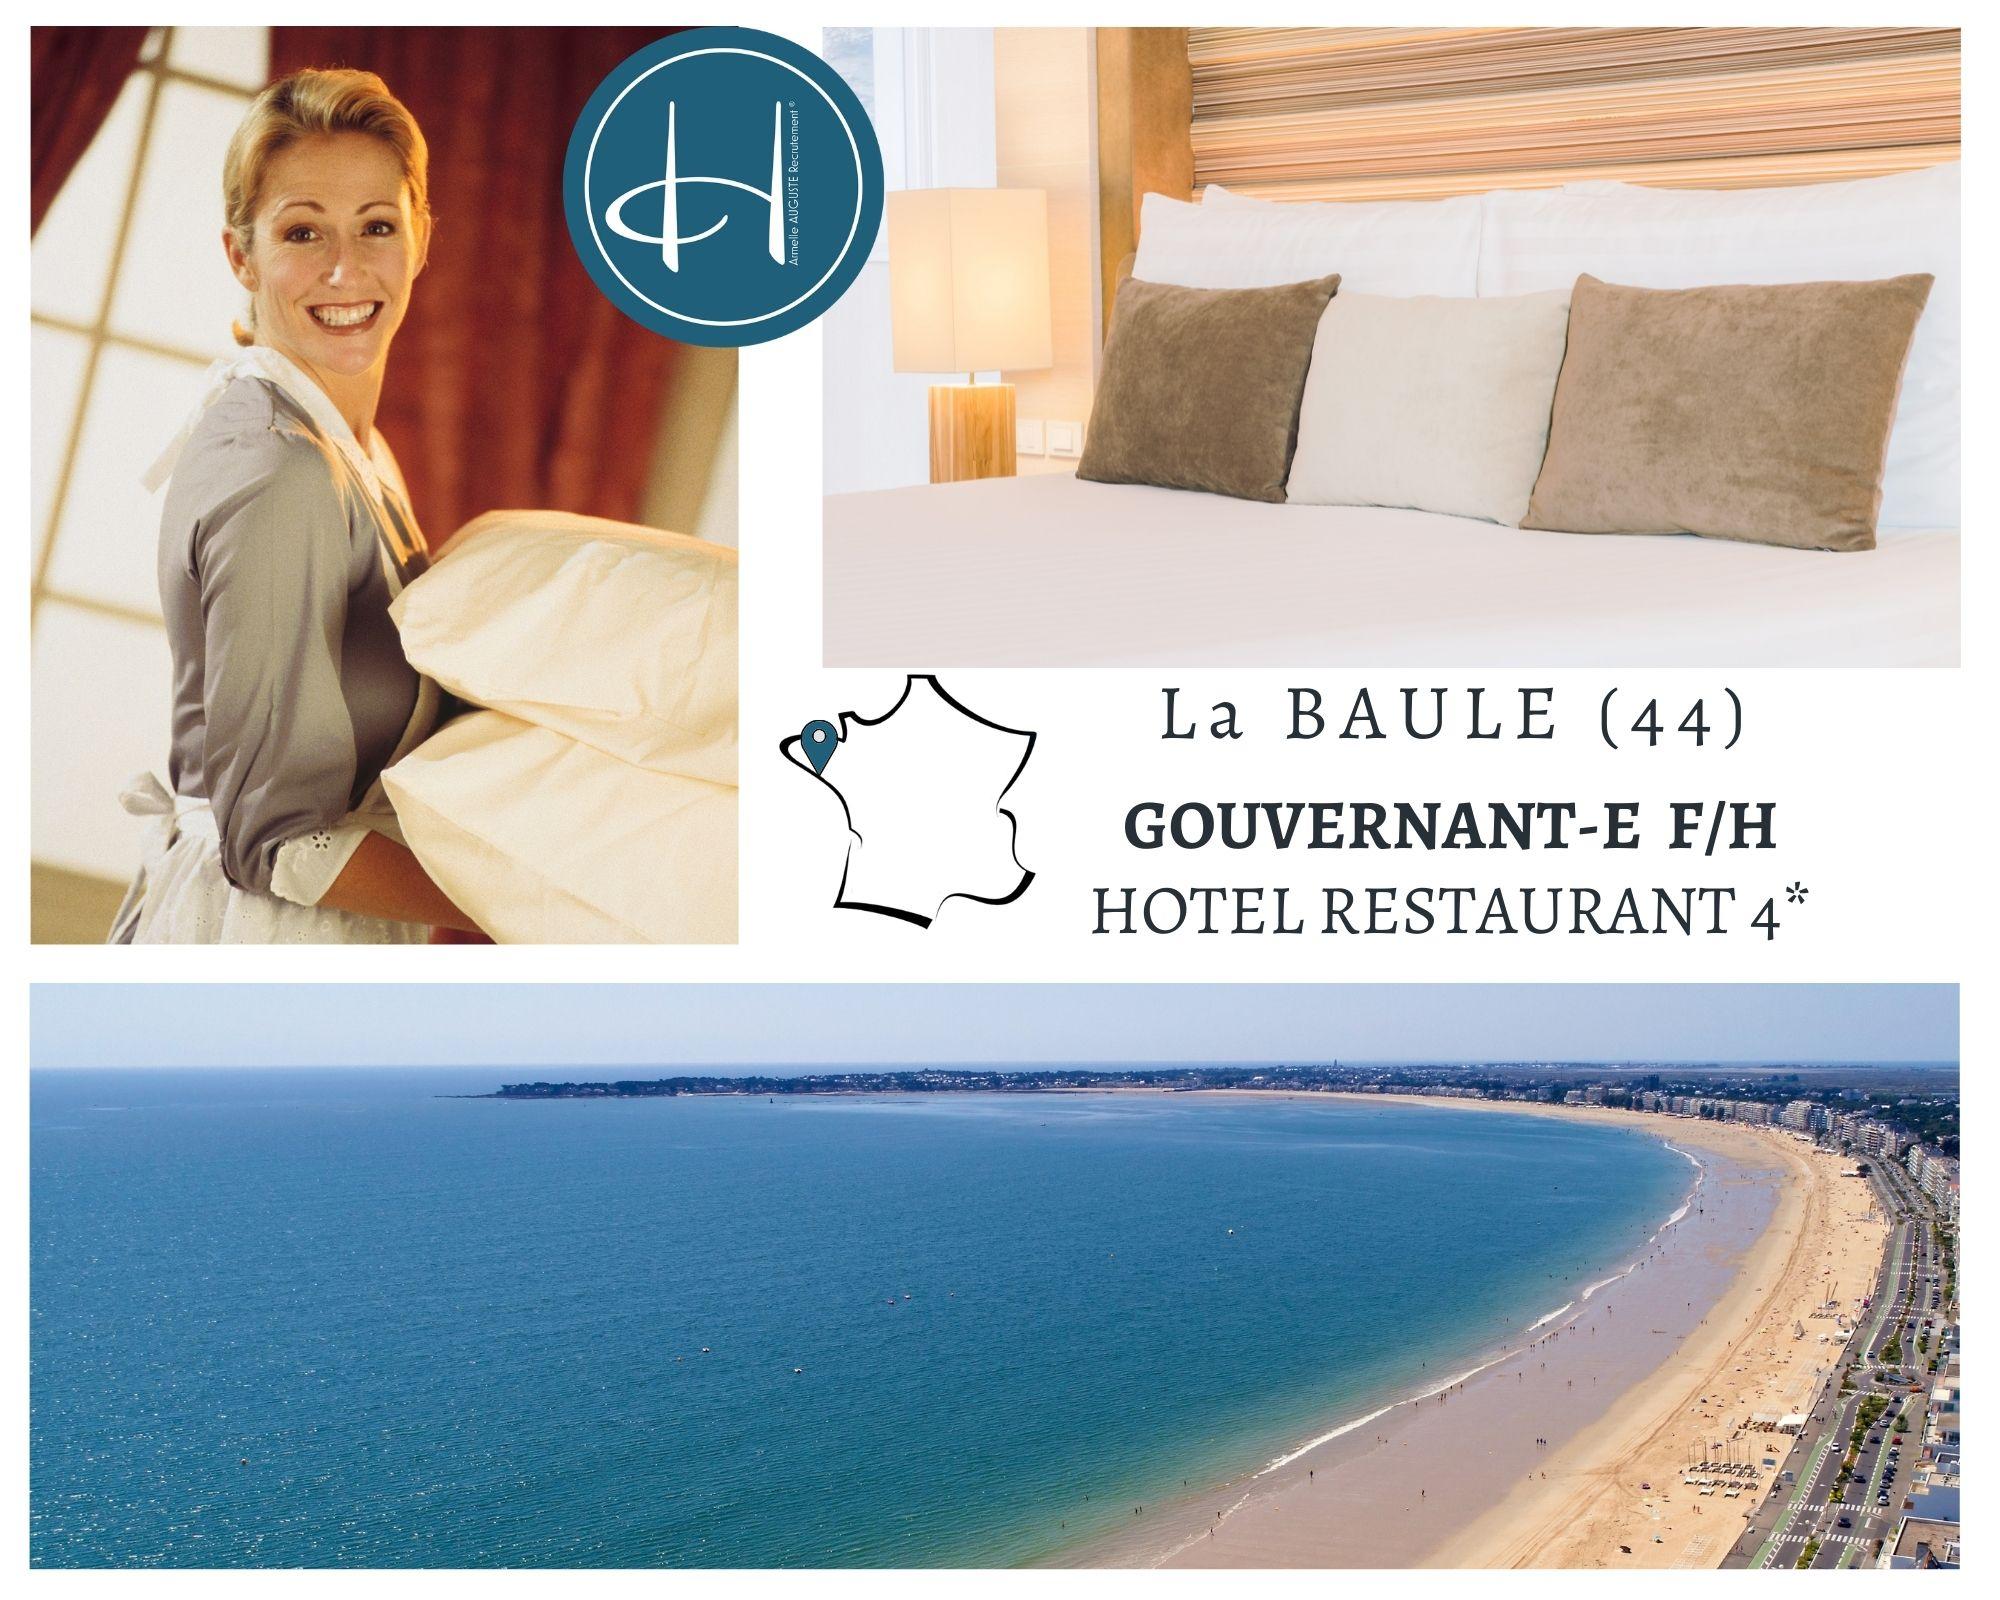 Recrutement: Gouvernante hôtel restaurant 4* F/H chez Armelle AUGUSTE Recrutement® à La Baule-Escoublac